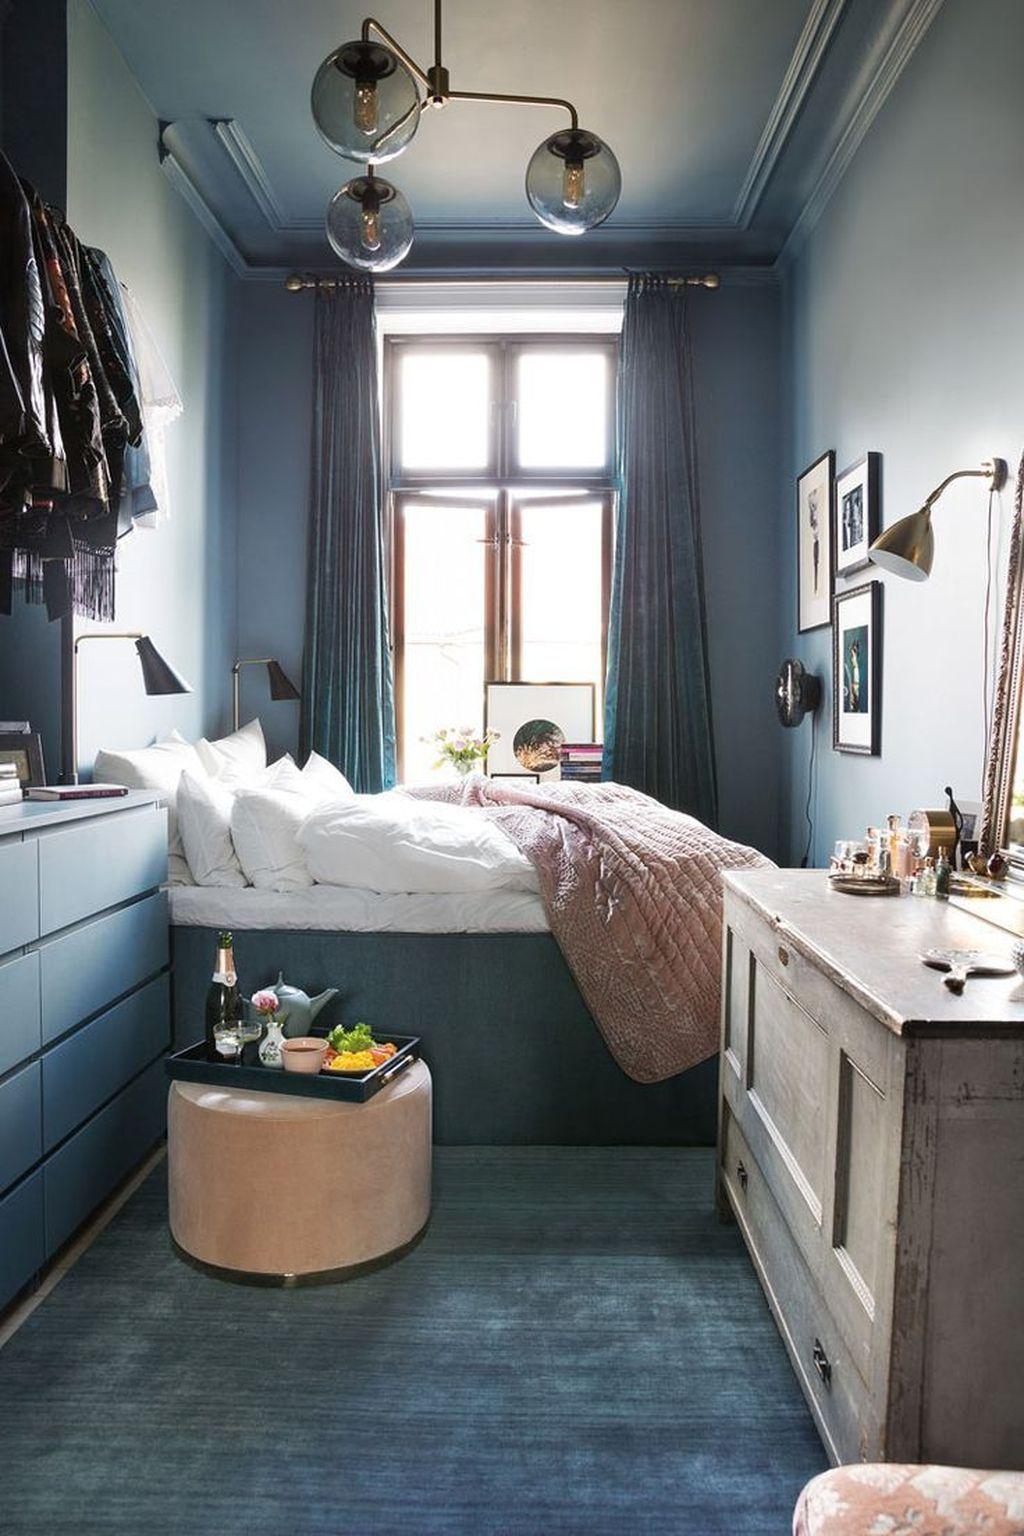 Mách bạn 10 mẹo giúp phòng ngủ nhỏ cỡ nào cũng xinh long lanh - Ảnh 6.